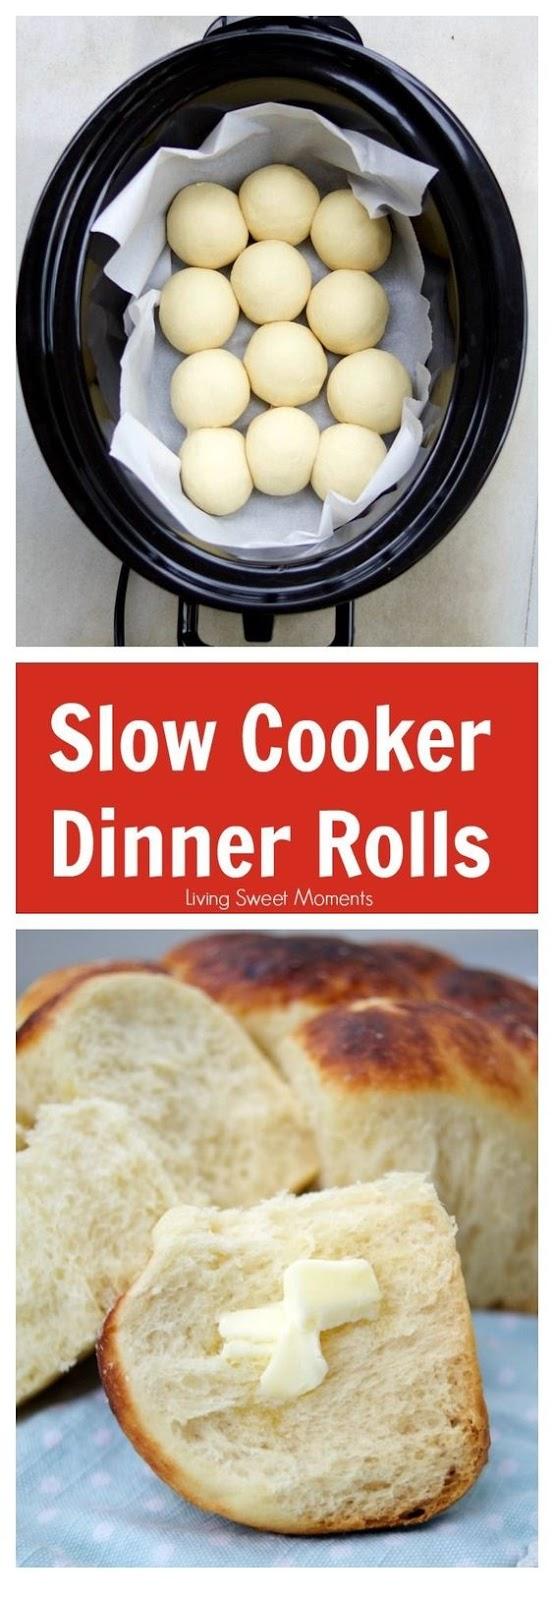 Easy Slow Cooker Dinner Rolls